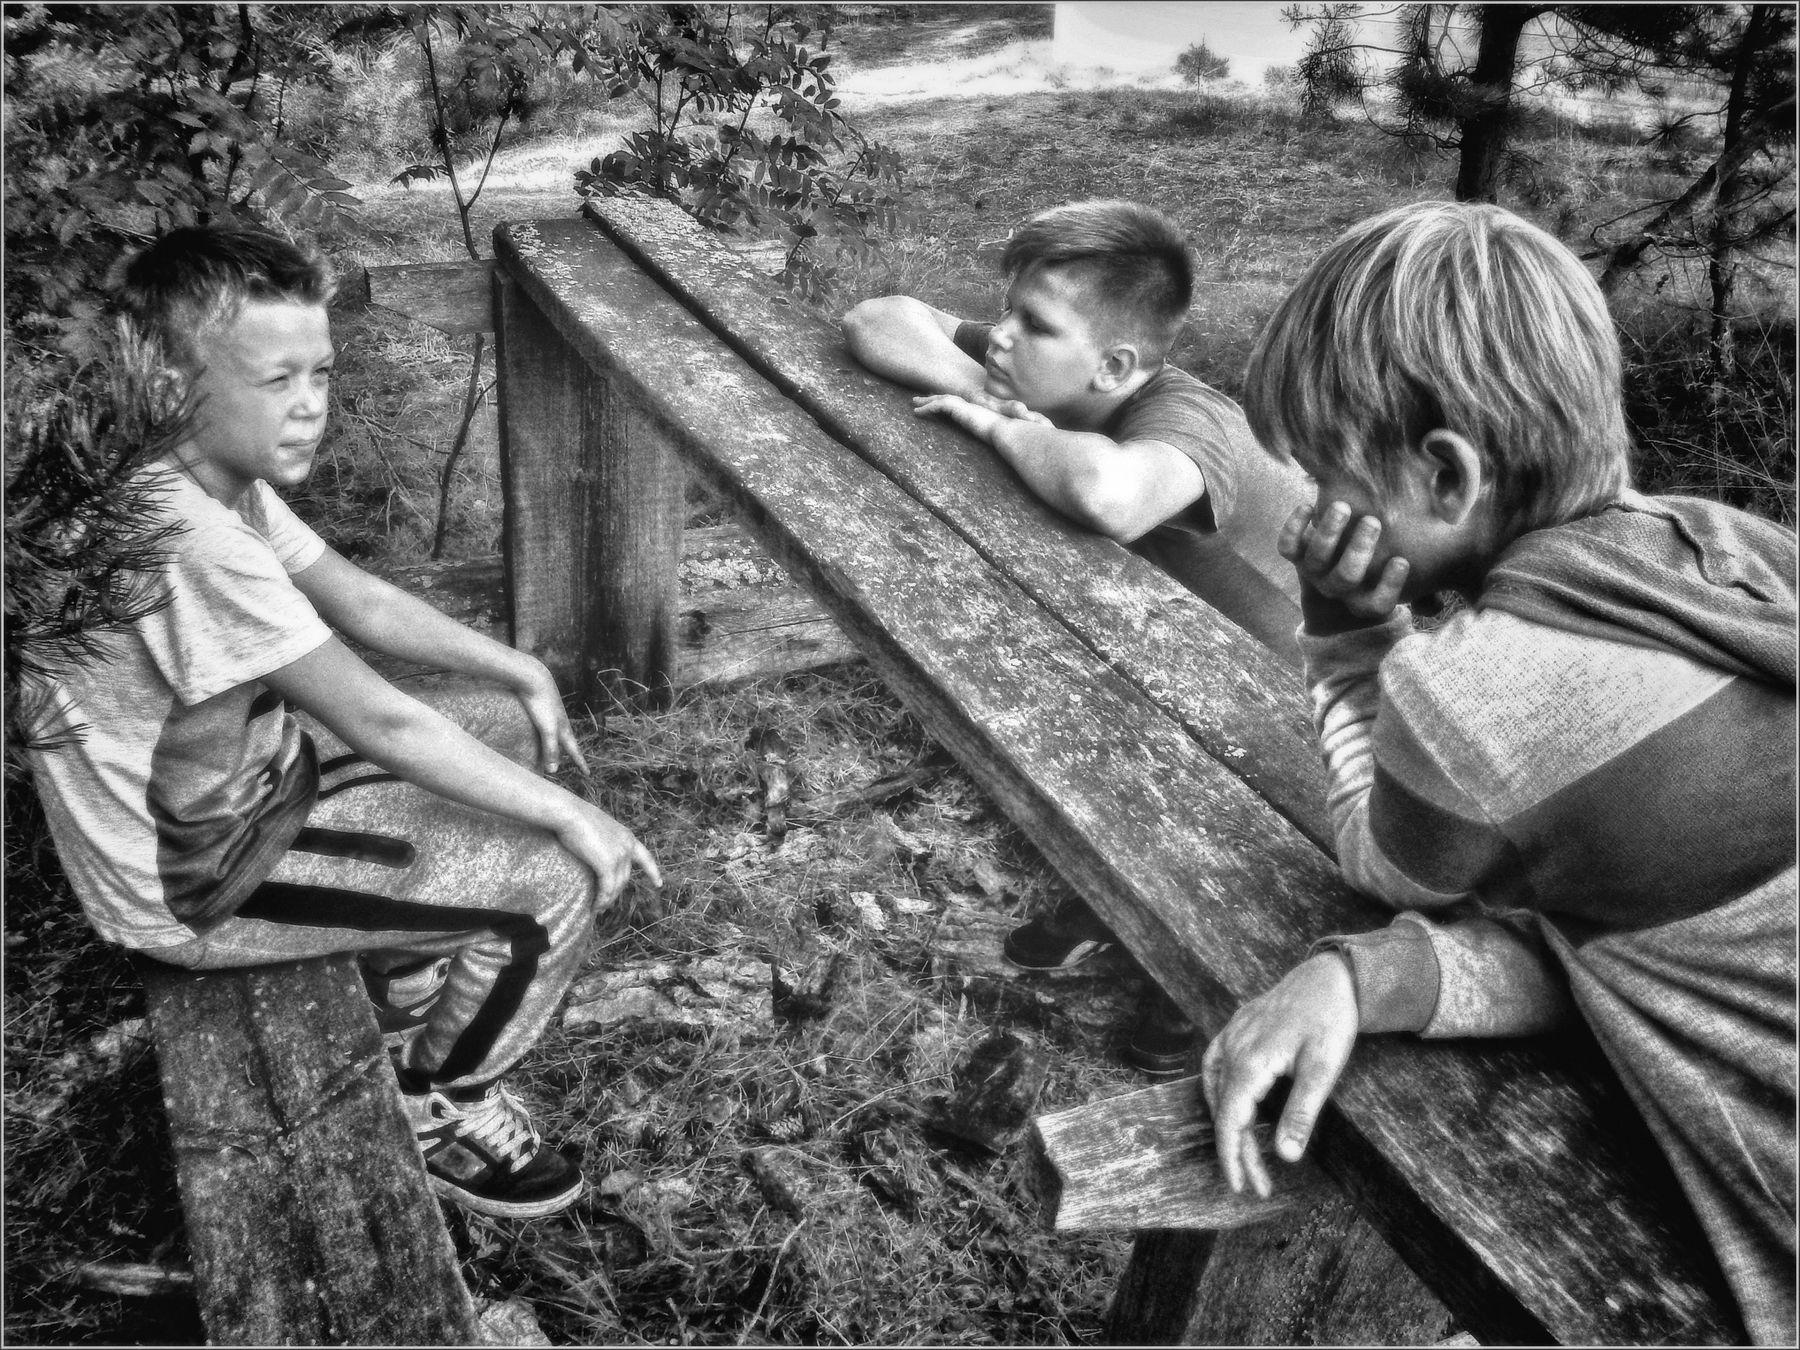 *Решено: вечером ничего не делаем!* фотография путешествие лето дети подростки жанр Фото.Сайт Светлана Мамакина Lihgra Adventure детский мир